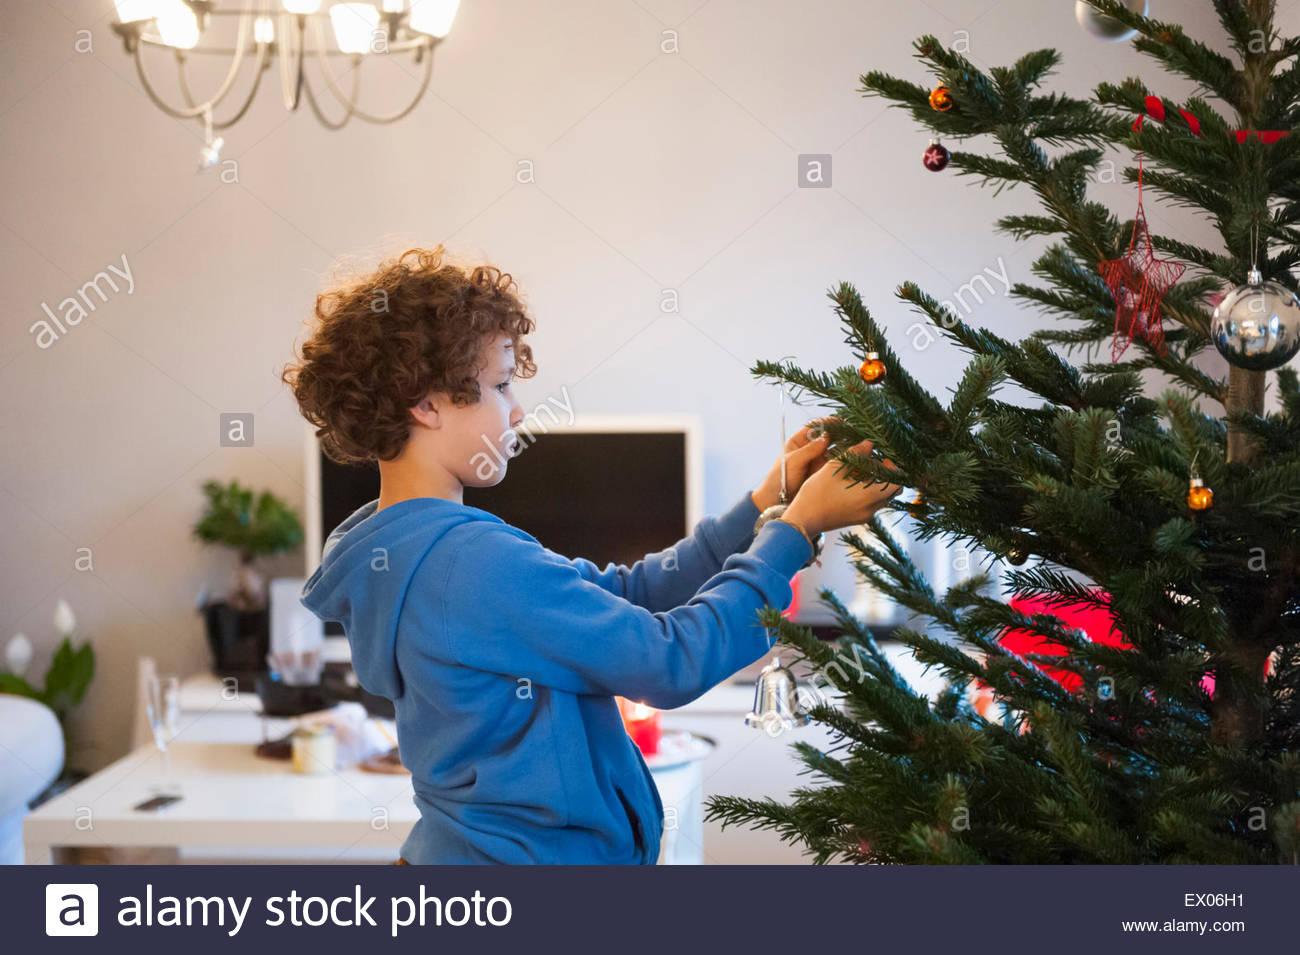 Boy adornos colgantes en árbol de Navidad Imagen De Stock